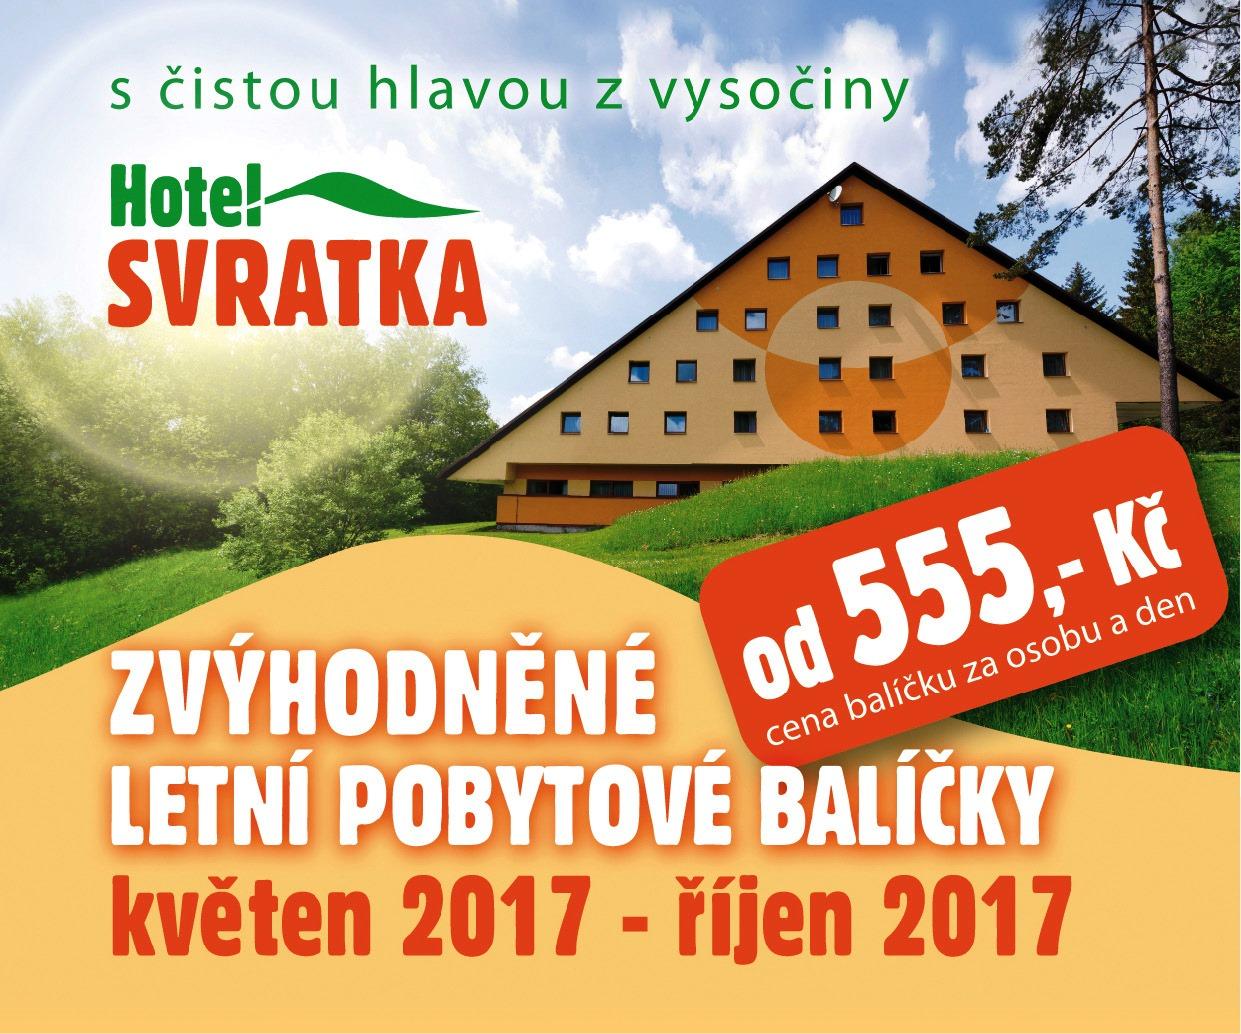 Letní wellness pobytové balíčky na Hotelu Svratka